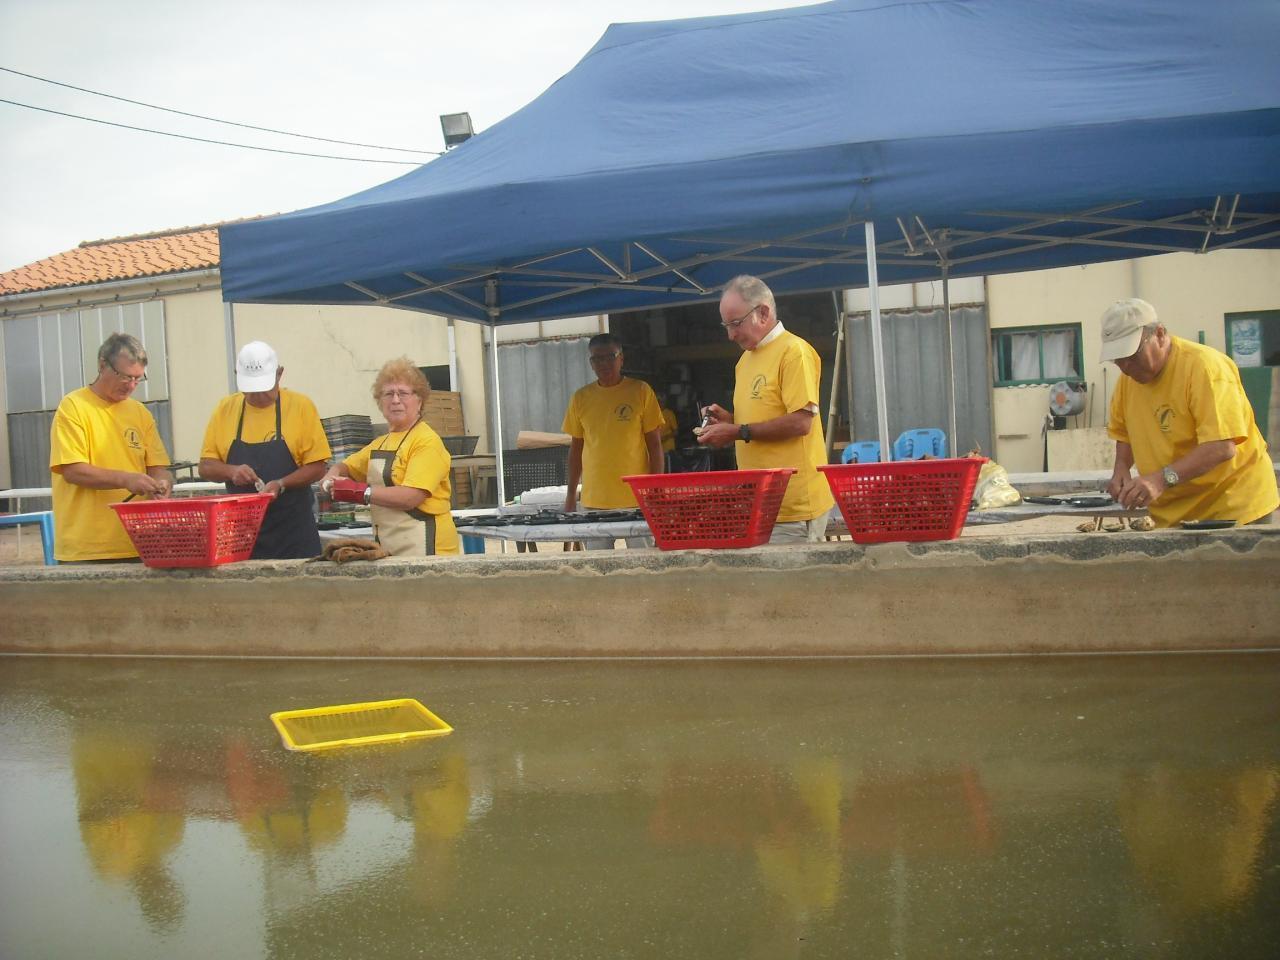 La Guittière: Ouverture des huîtres